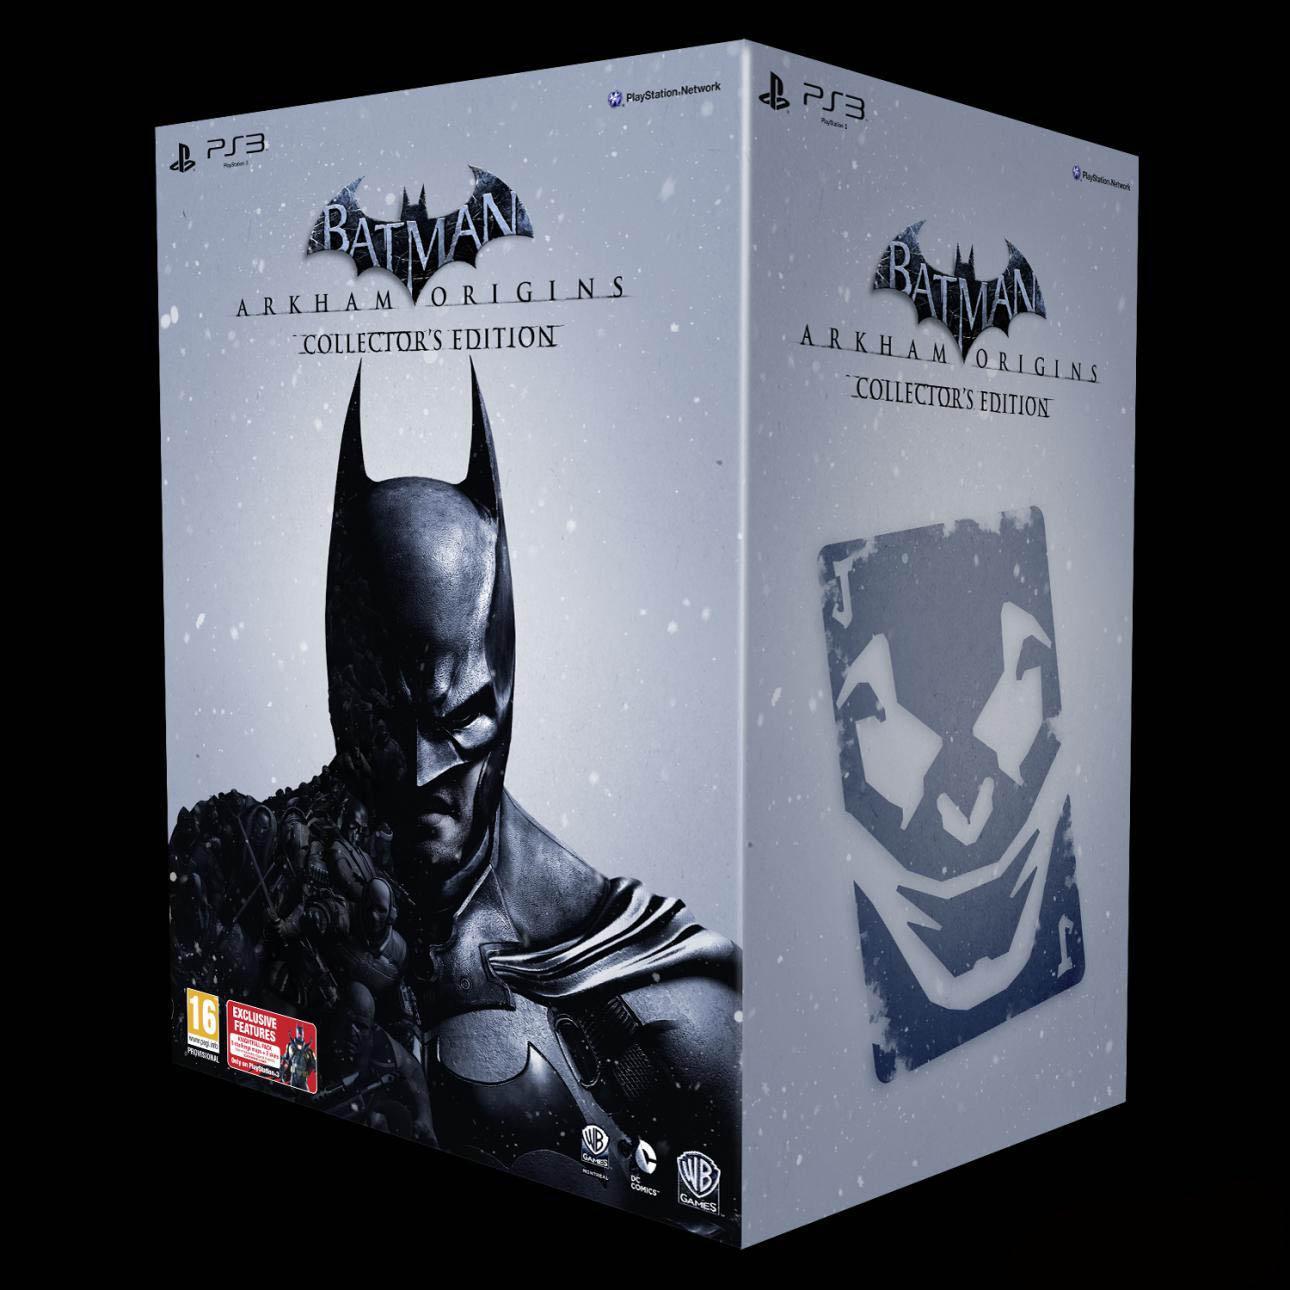 Sběratelská edici Batman: Arkham Origins oficiálně představena 85694